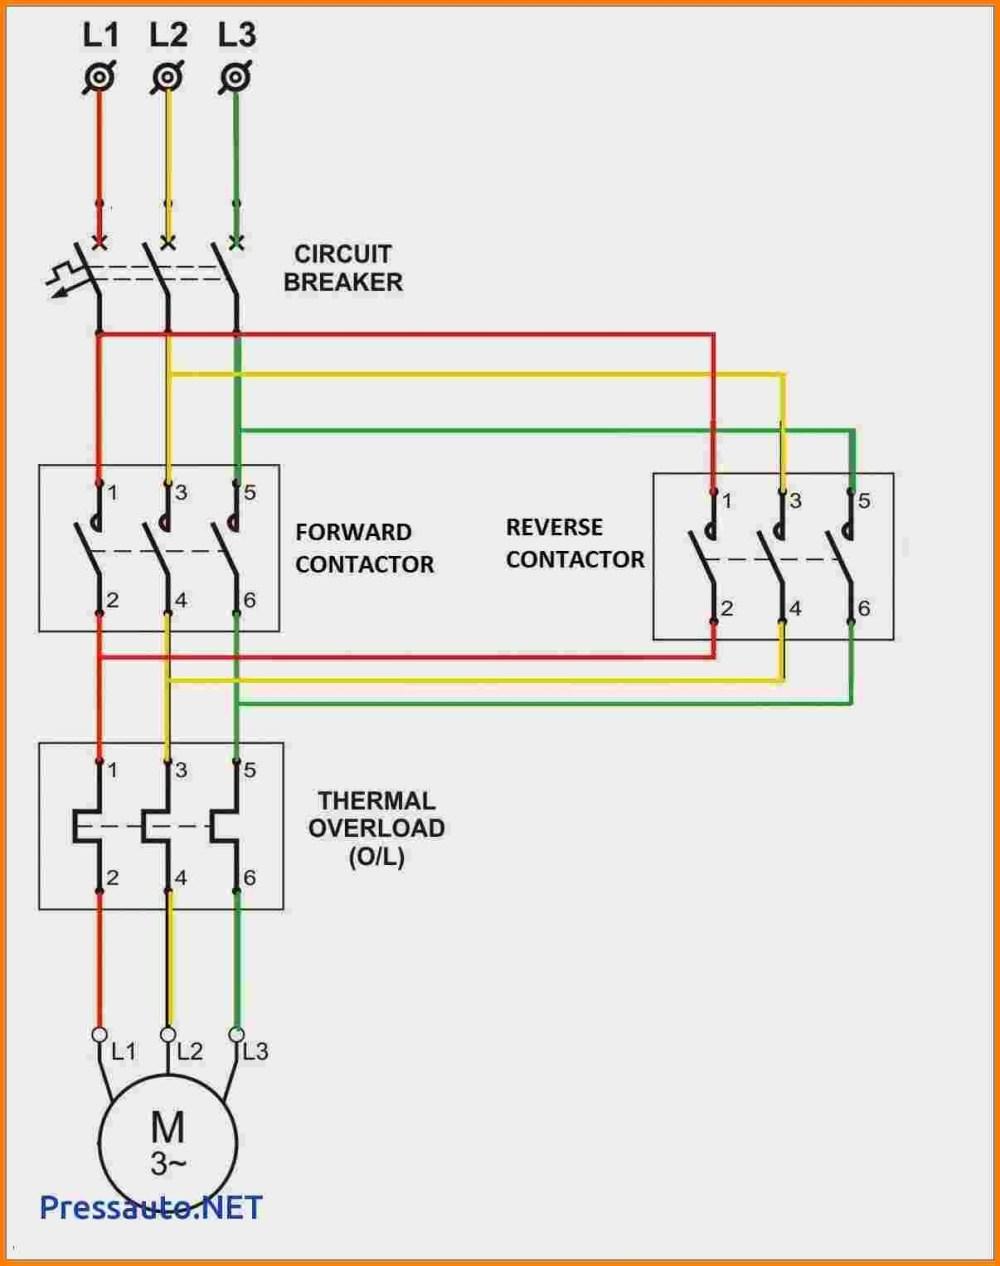 medium resolution of start stop wiring diagram hbphelp me 3 phase